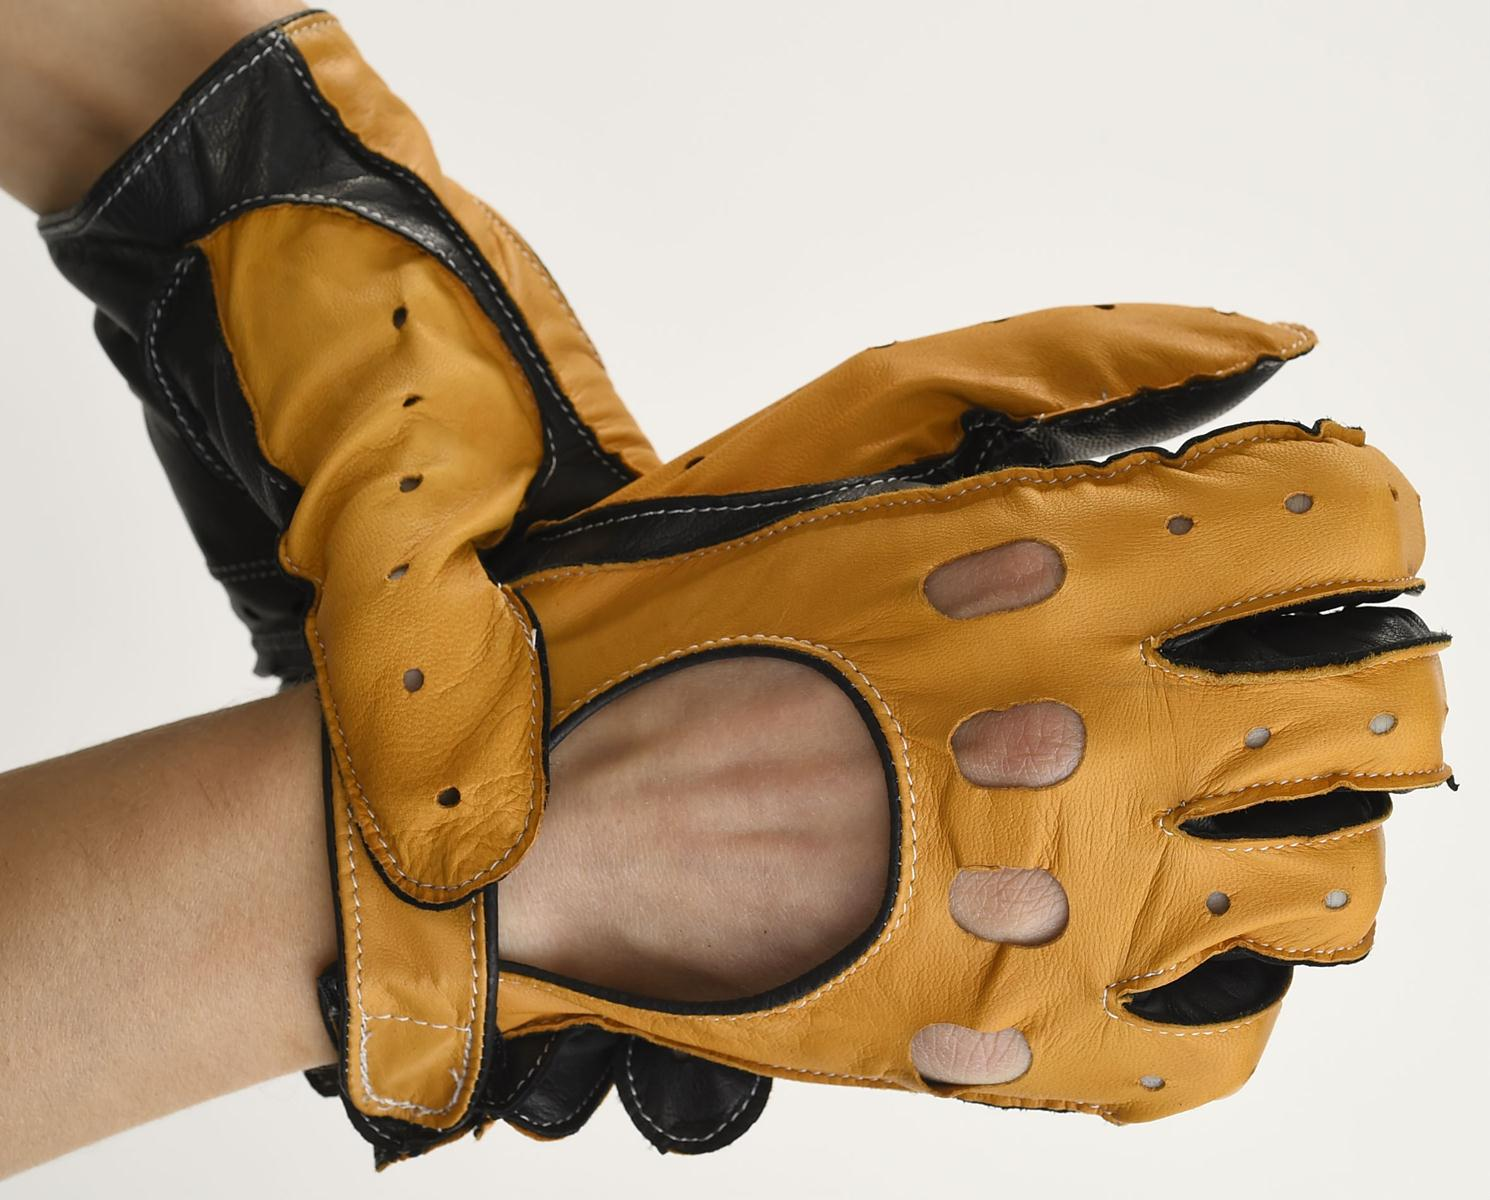 Mănuși din piele auto bărbați ABAuto401